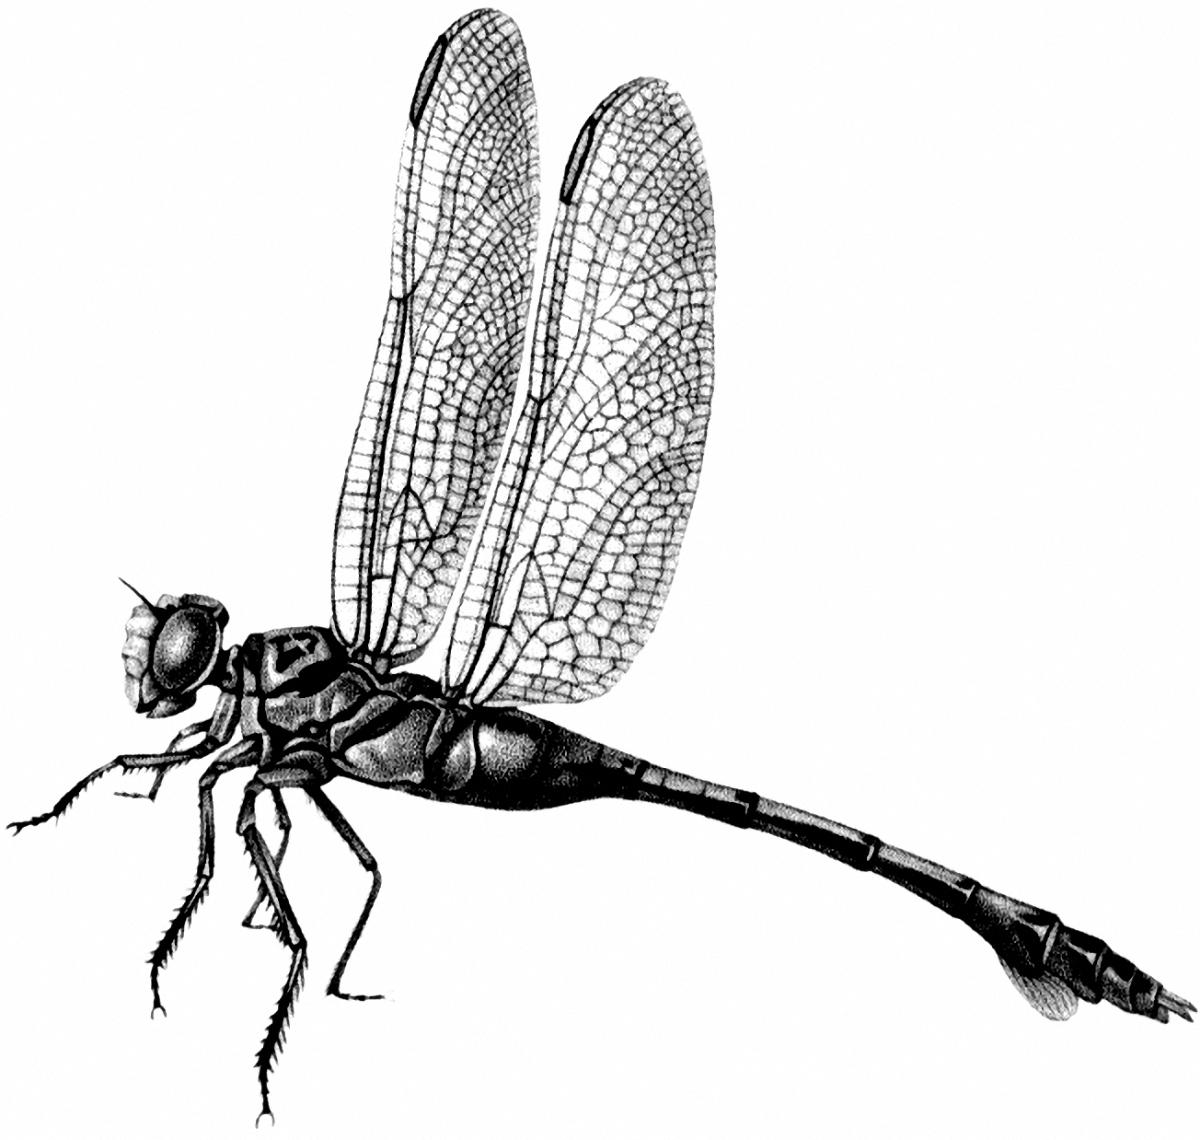 Vintage Dragonfly Image